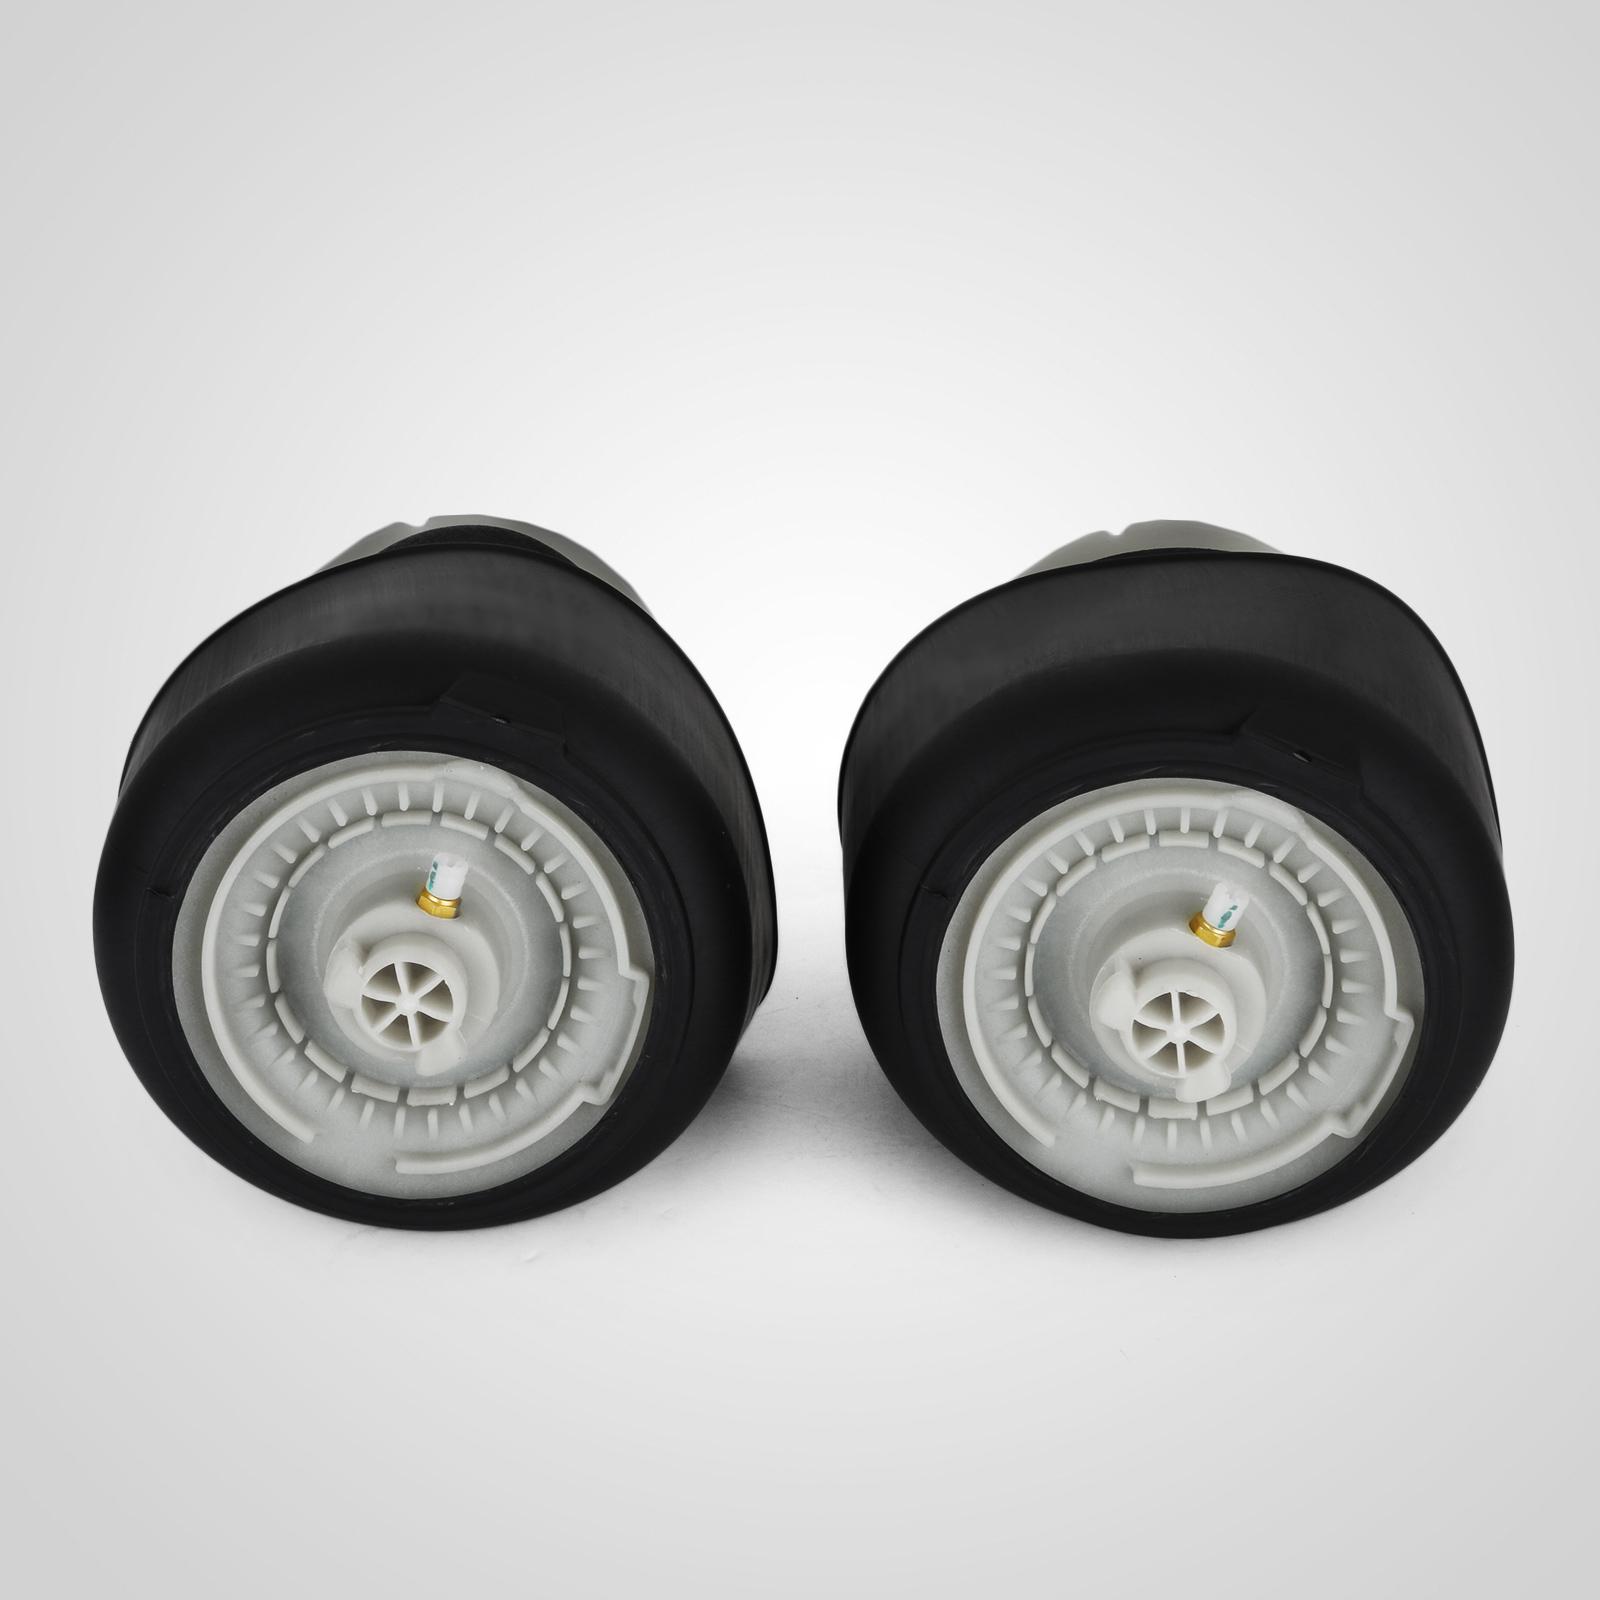 new f r bmw 5er gt f07 f10 f11 luftfeder luftfederung. Black Bedroom Furniture Sets. Home Design Ideas